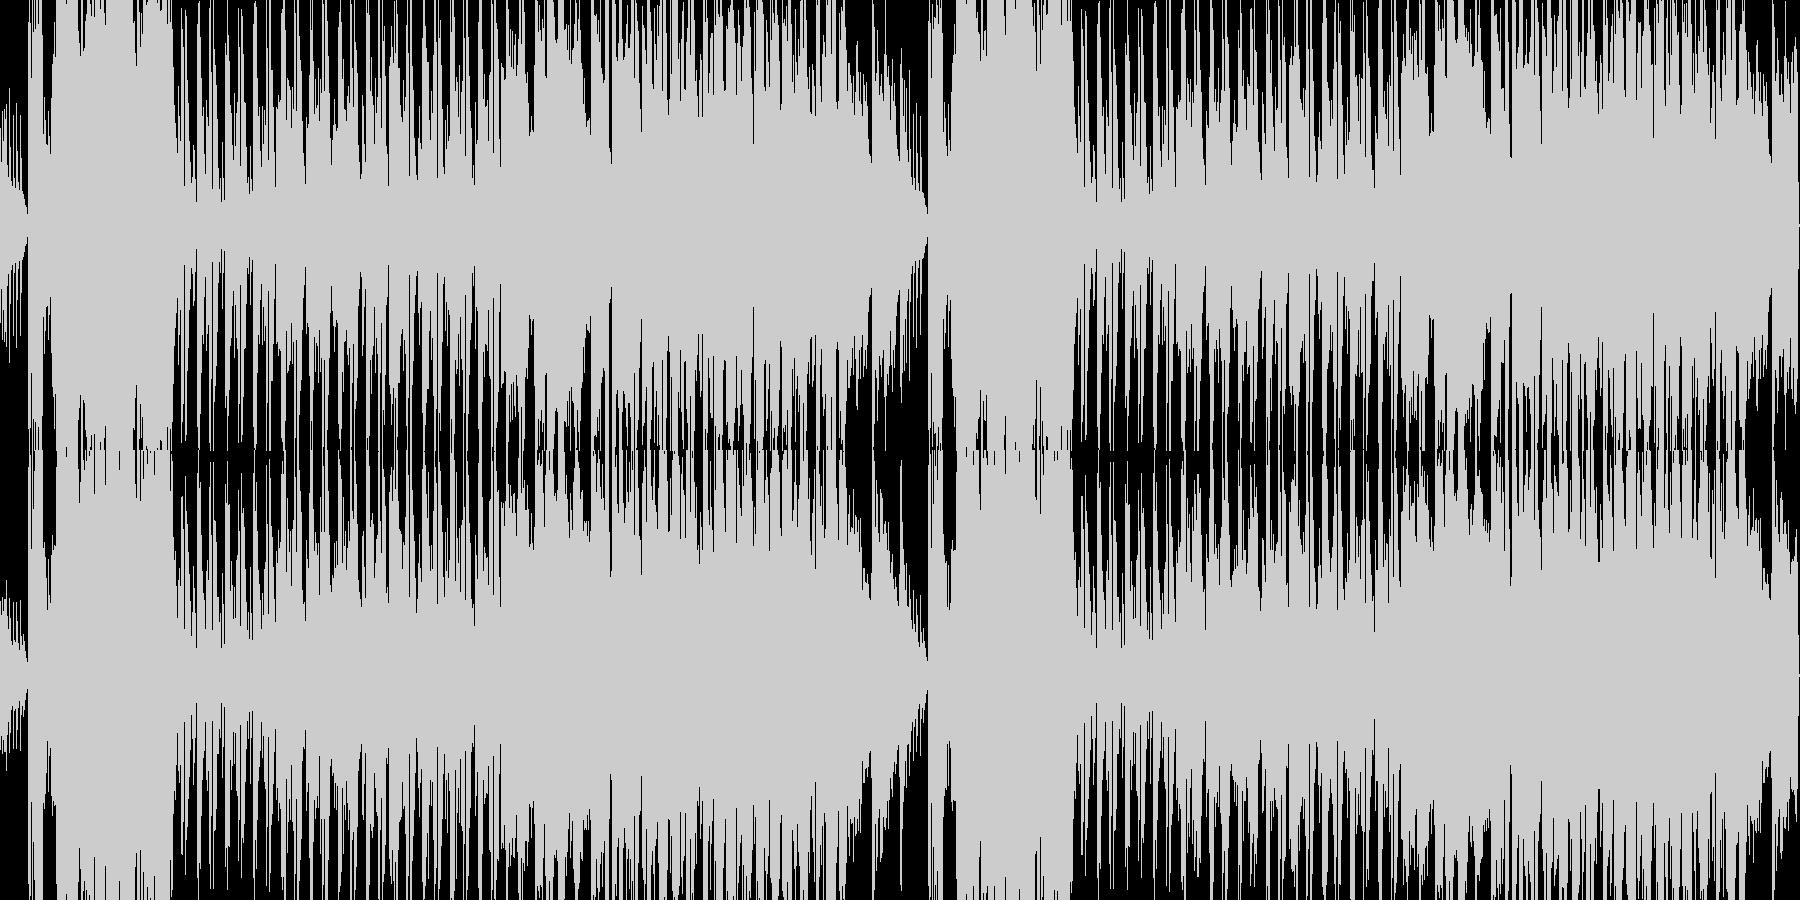 桜春琴和風ポップループBGMオーケストラの未再生の波形